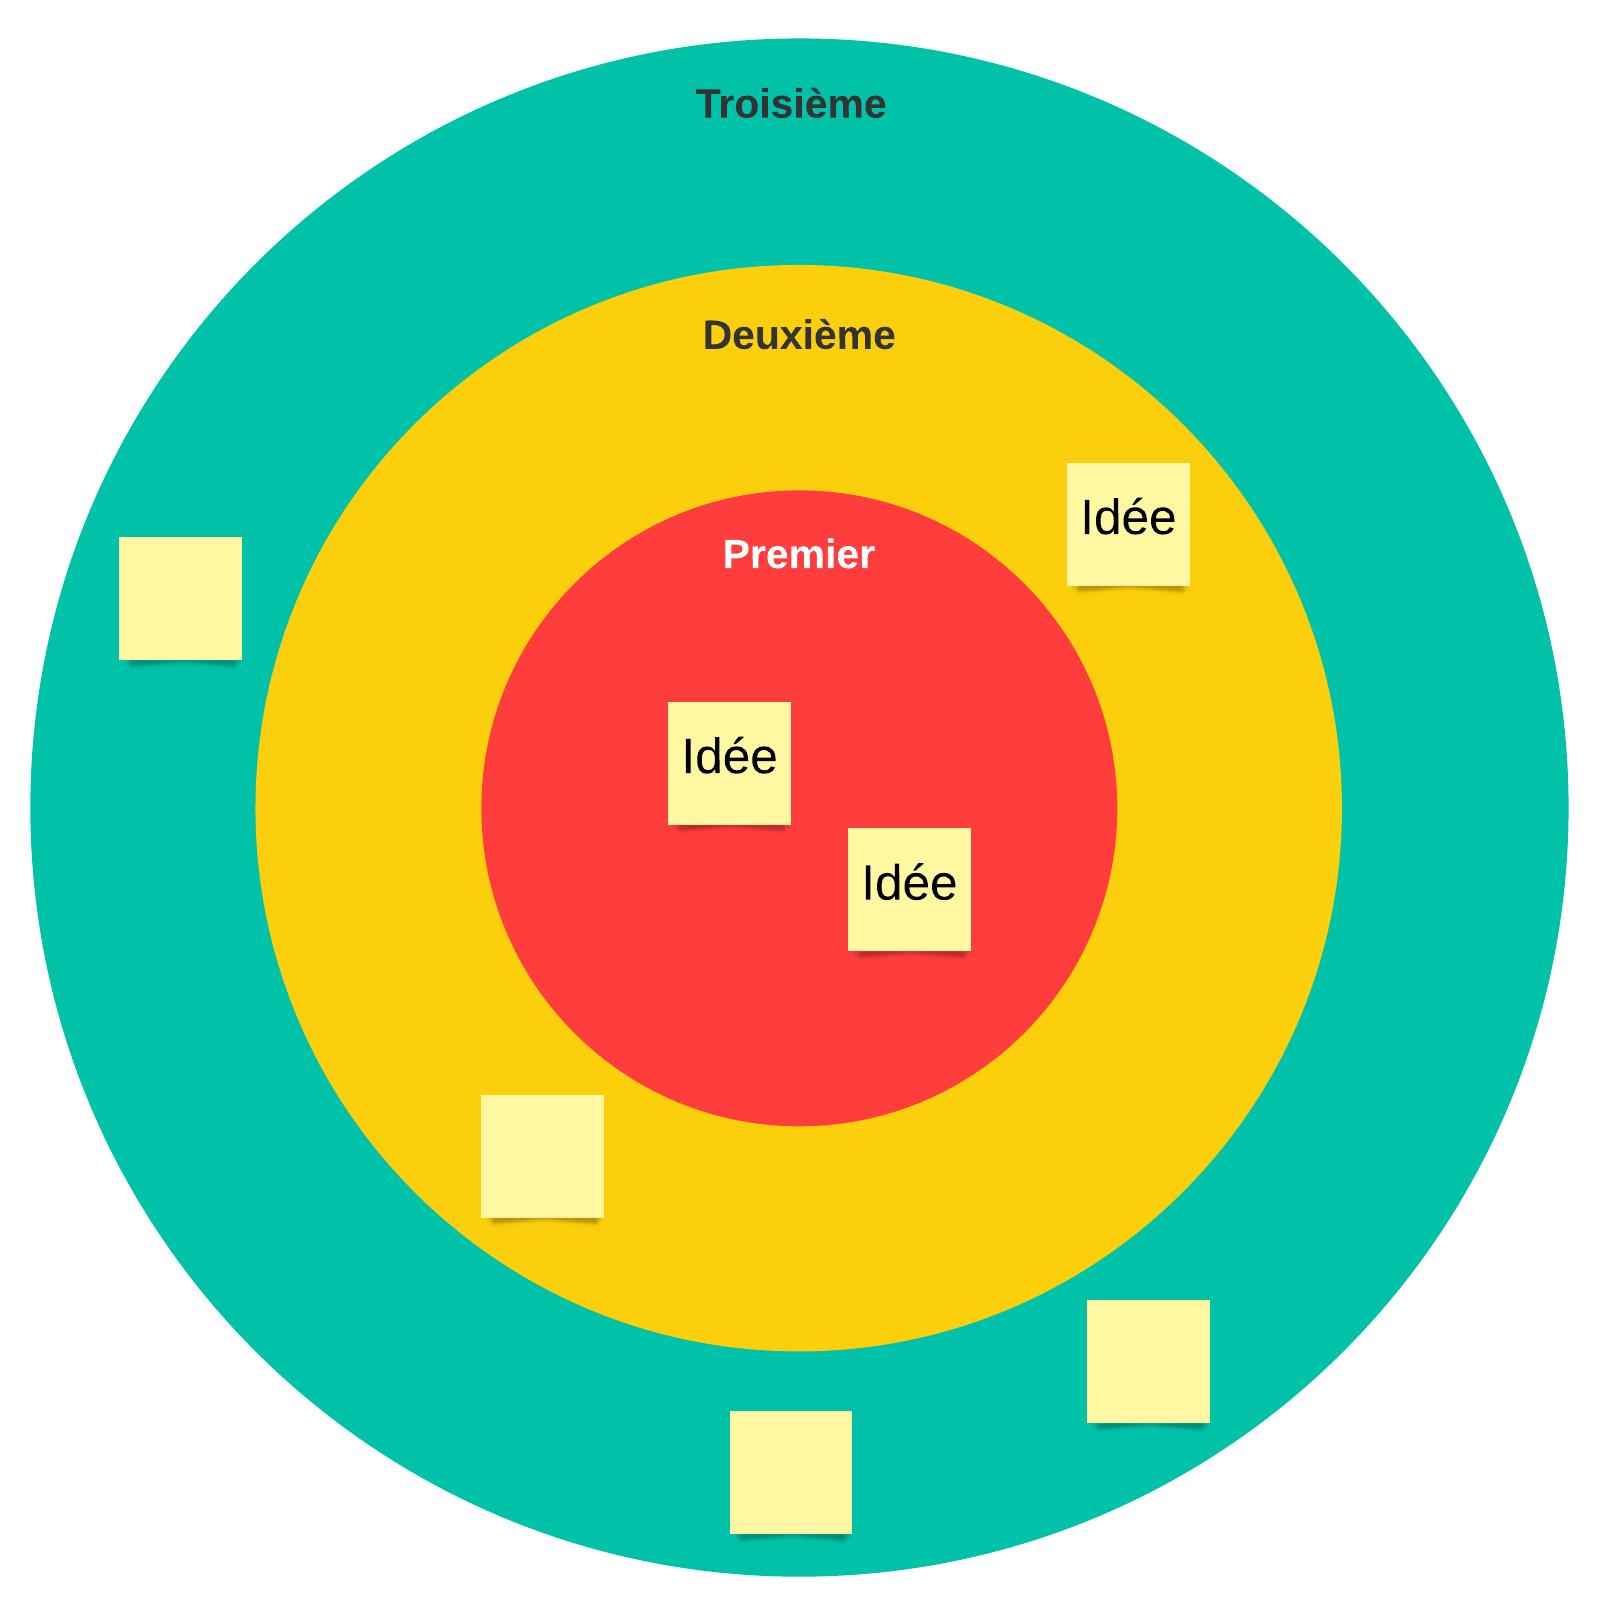 modèle de diagramme concentrique